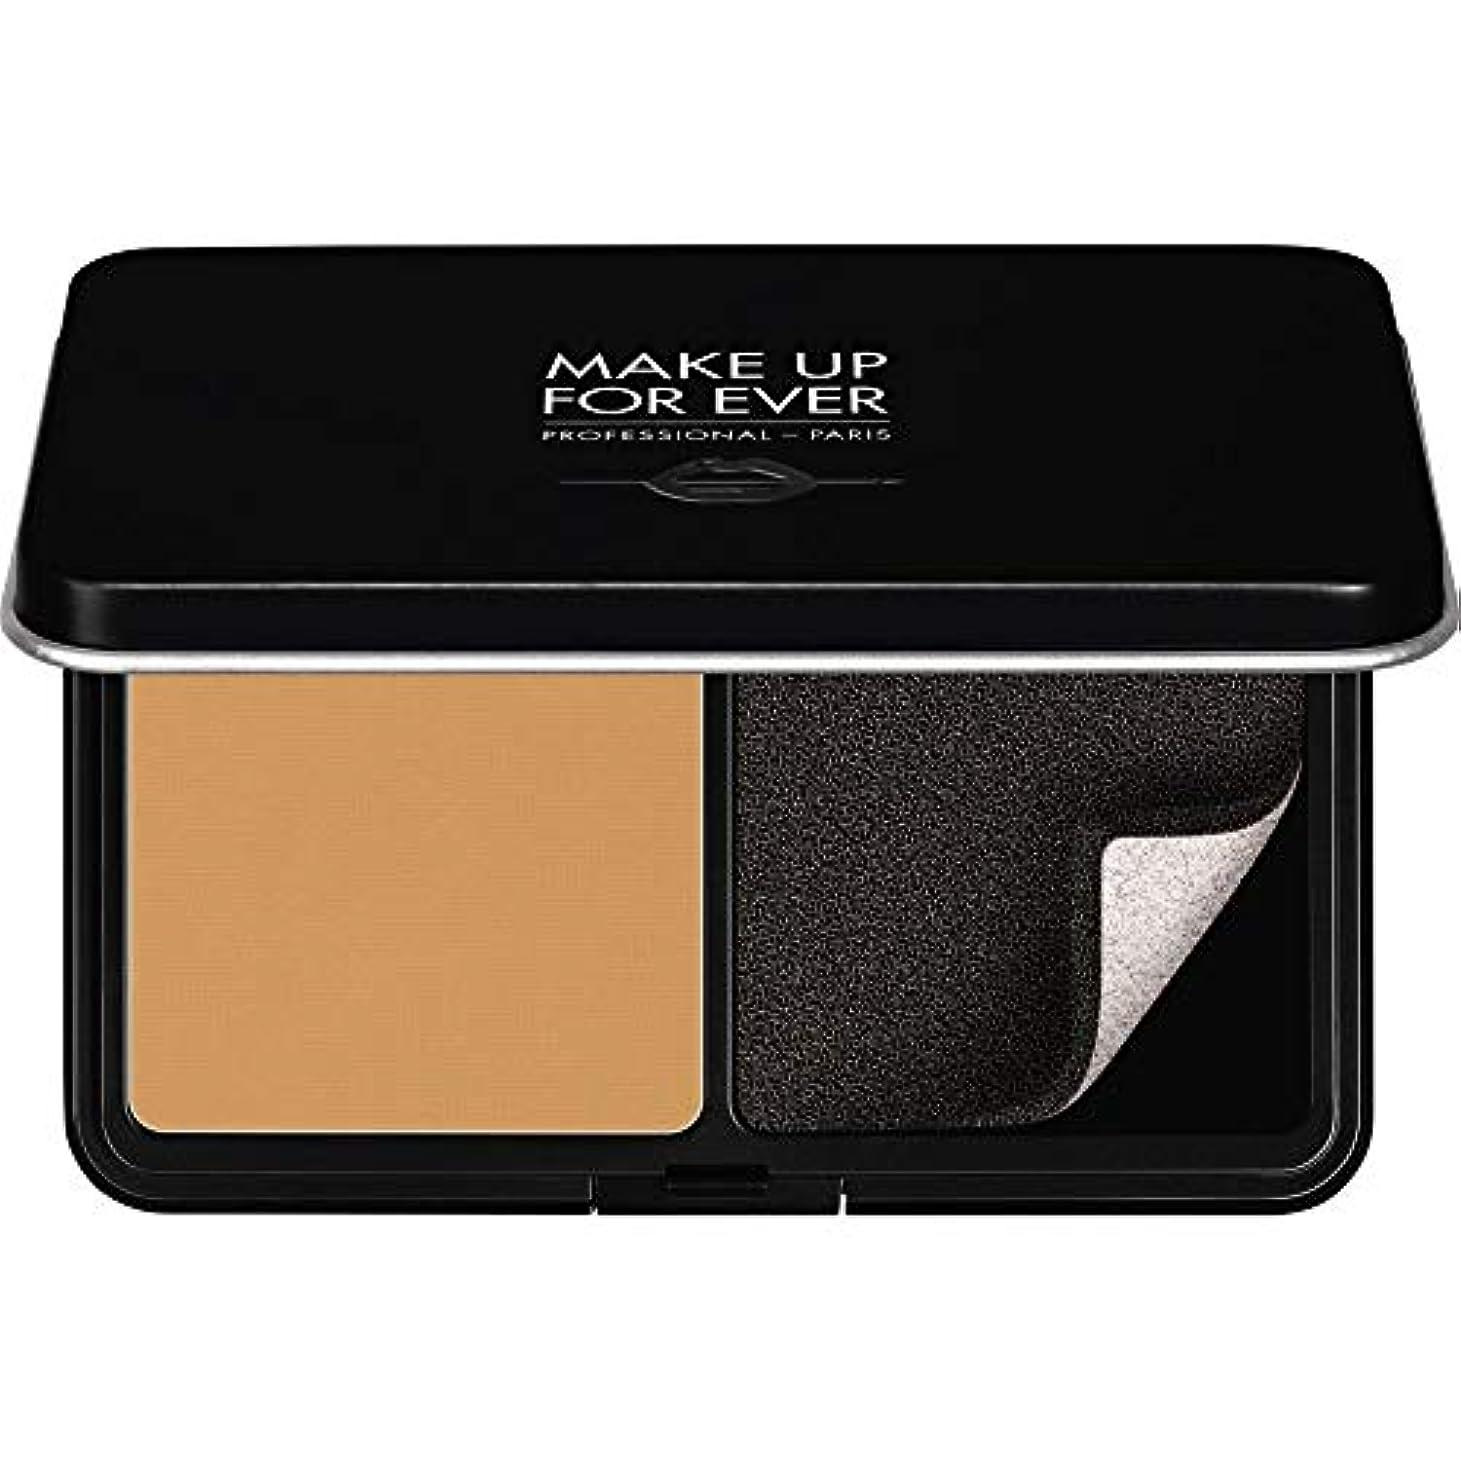 巧みな柔和バインド[MAKE UP FOR EVER ] パウダーファンデーション11GののY405をぼかし、これまでマットベルベットの肌を補う - 黄金の蜂蜜 - MAKE UP FOR EVER Matte Velvet Skin Blurring...